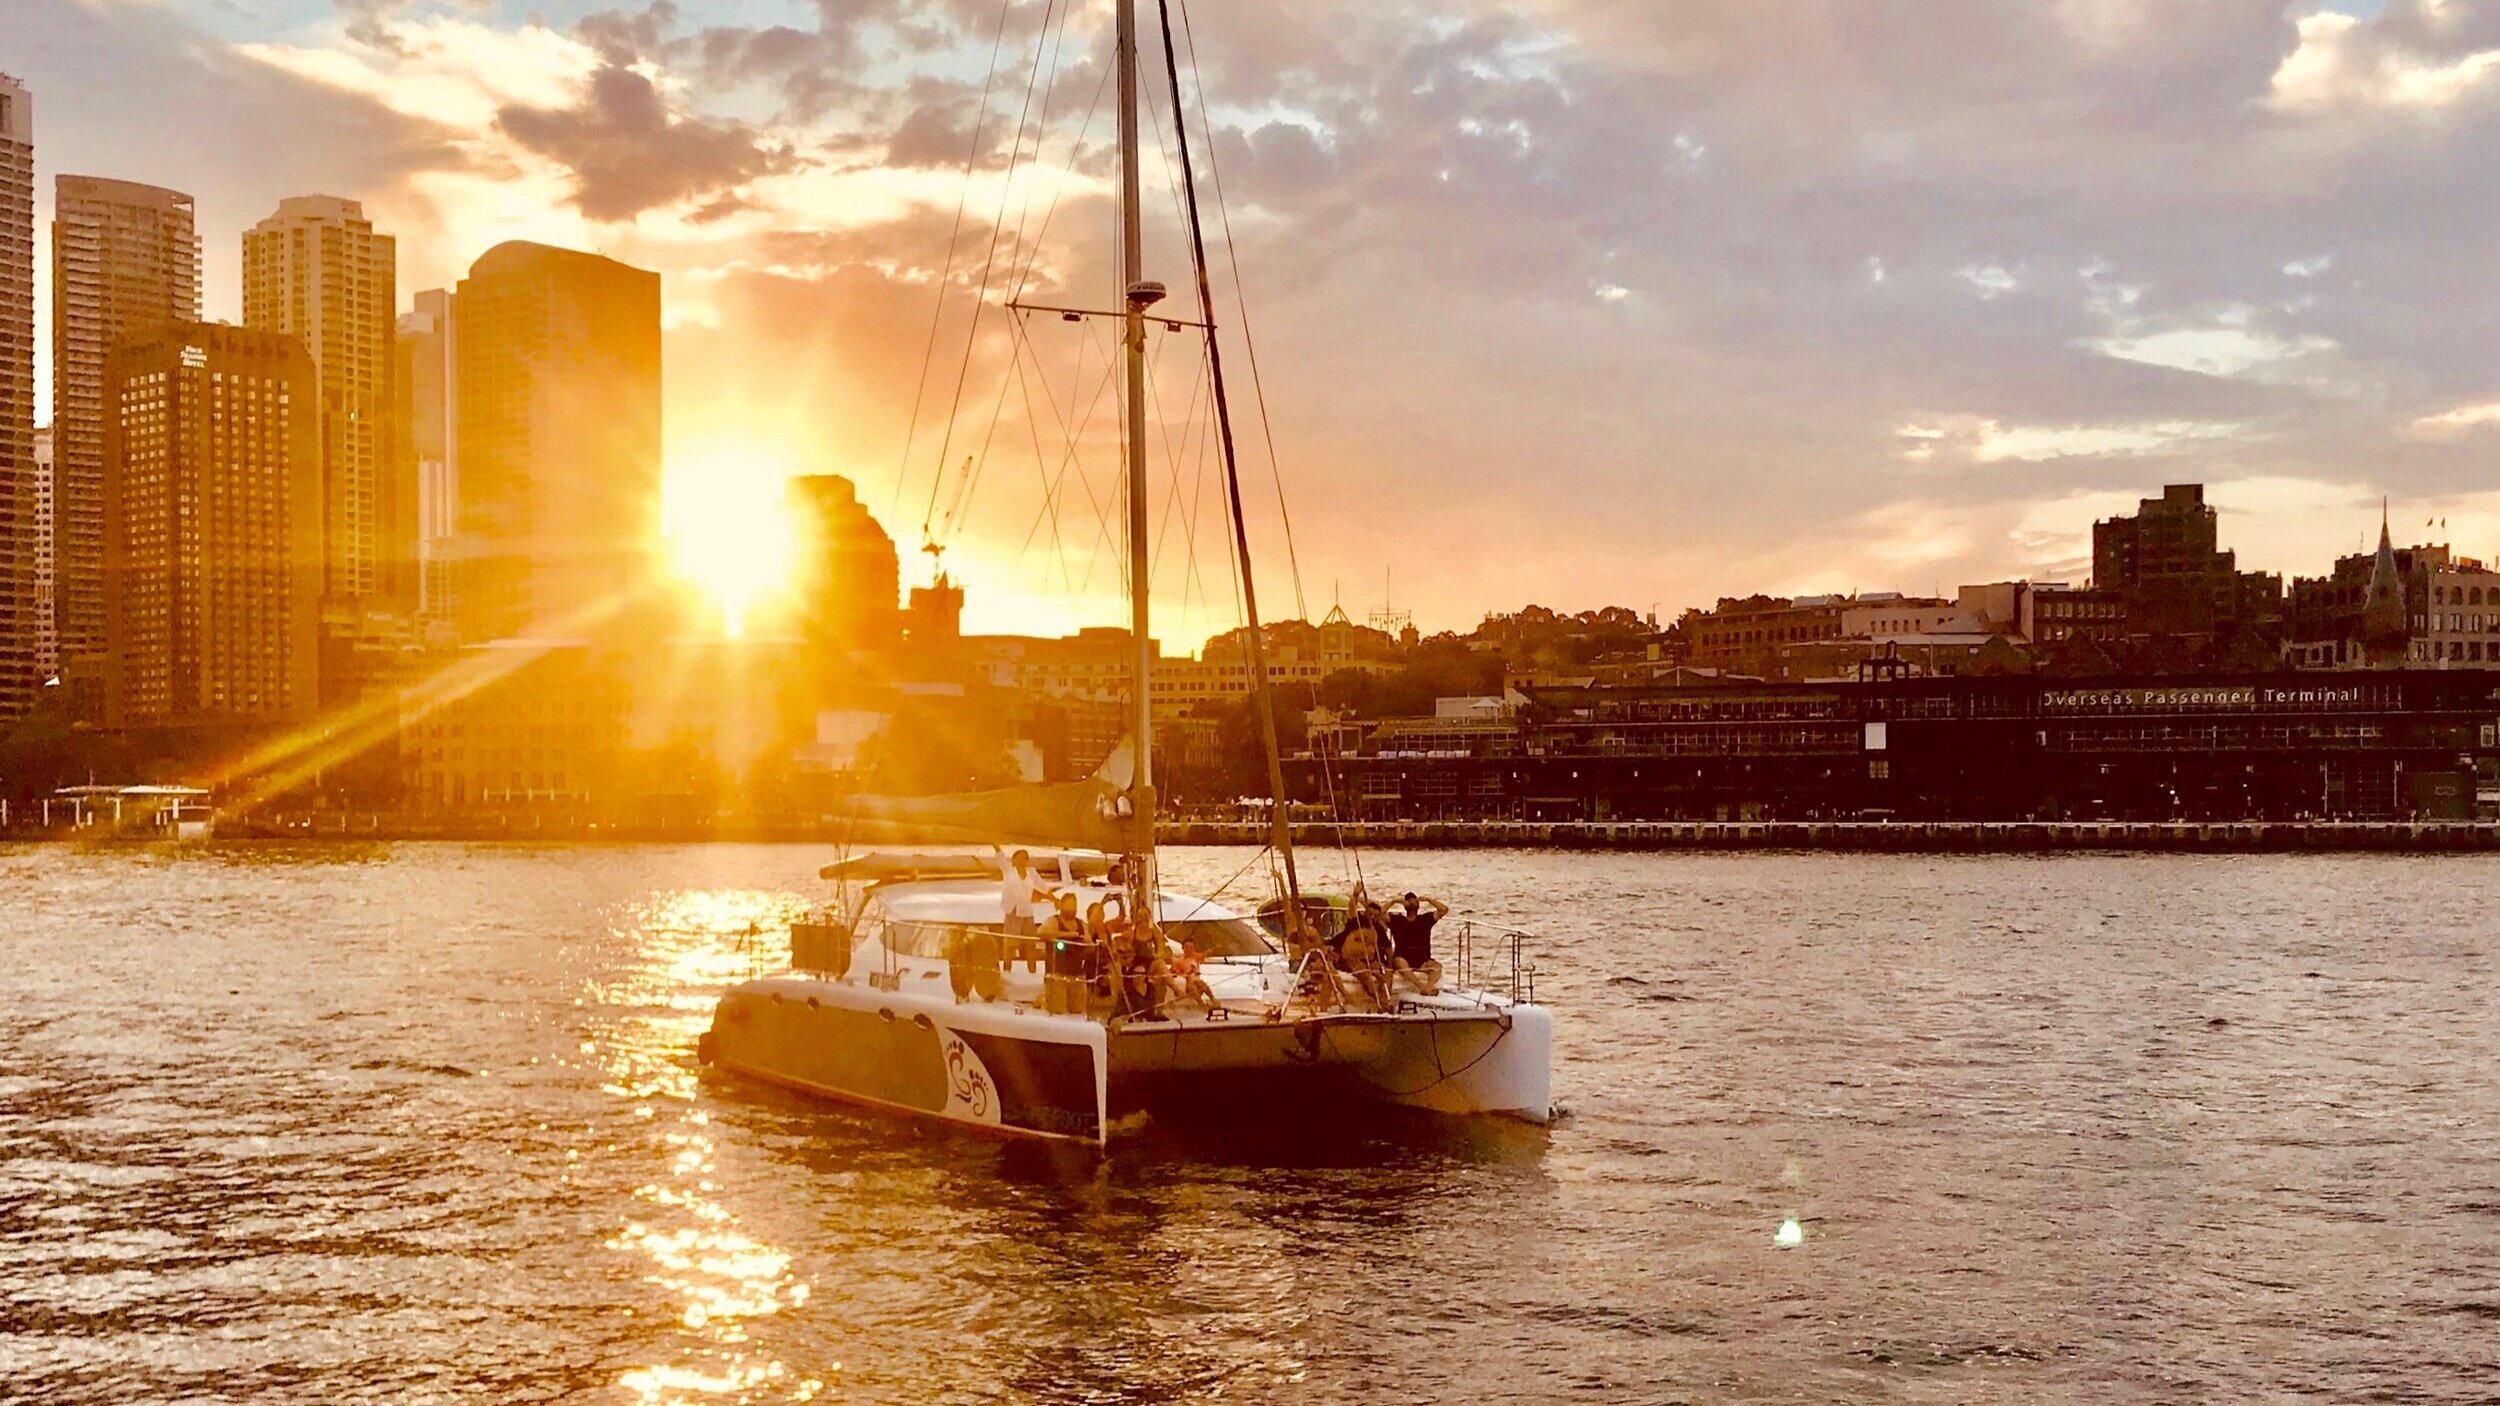 BAREFOOT+Sunset+City.jpg